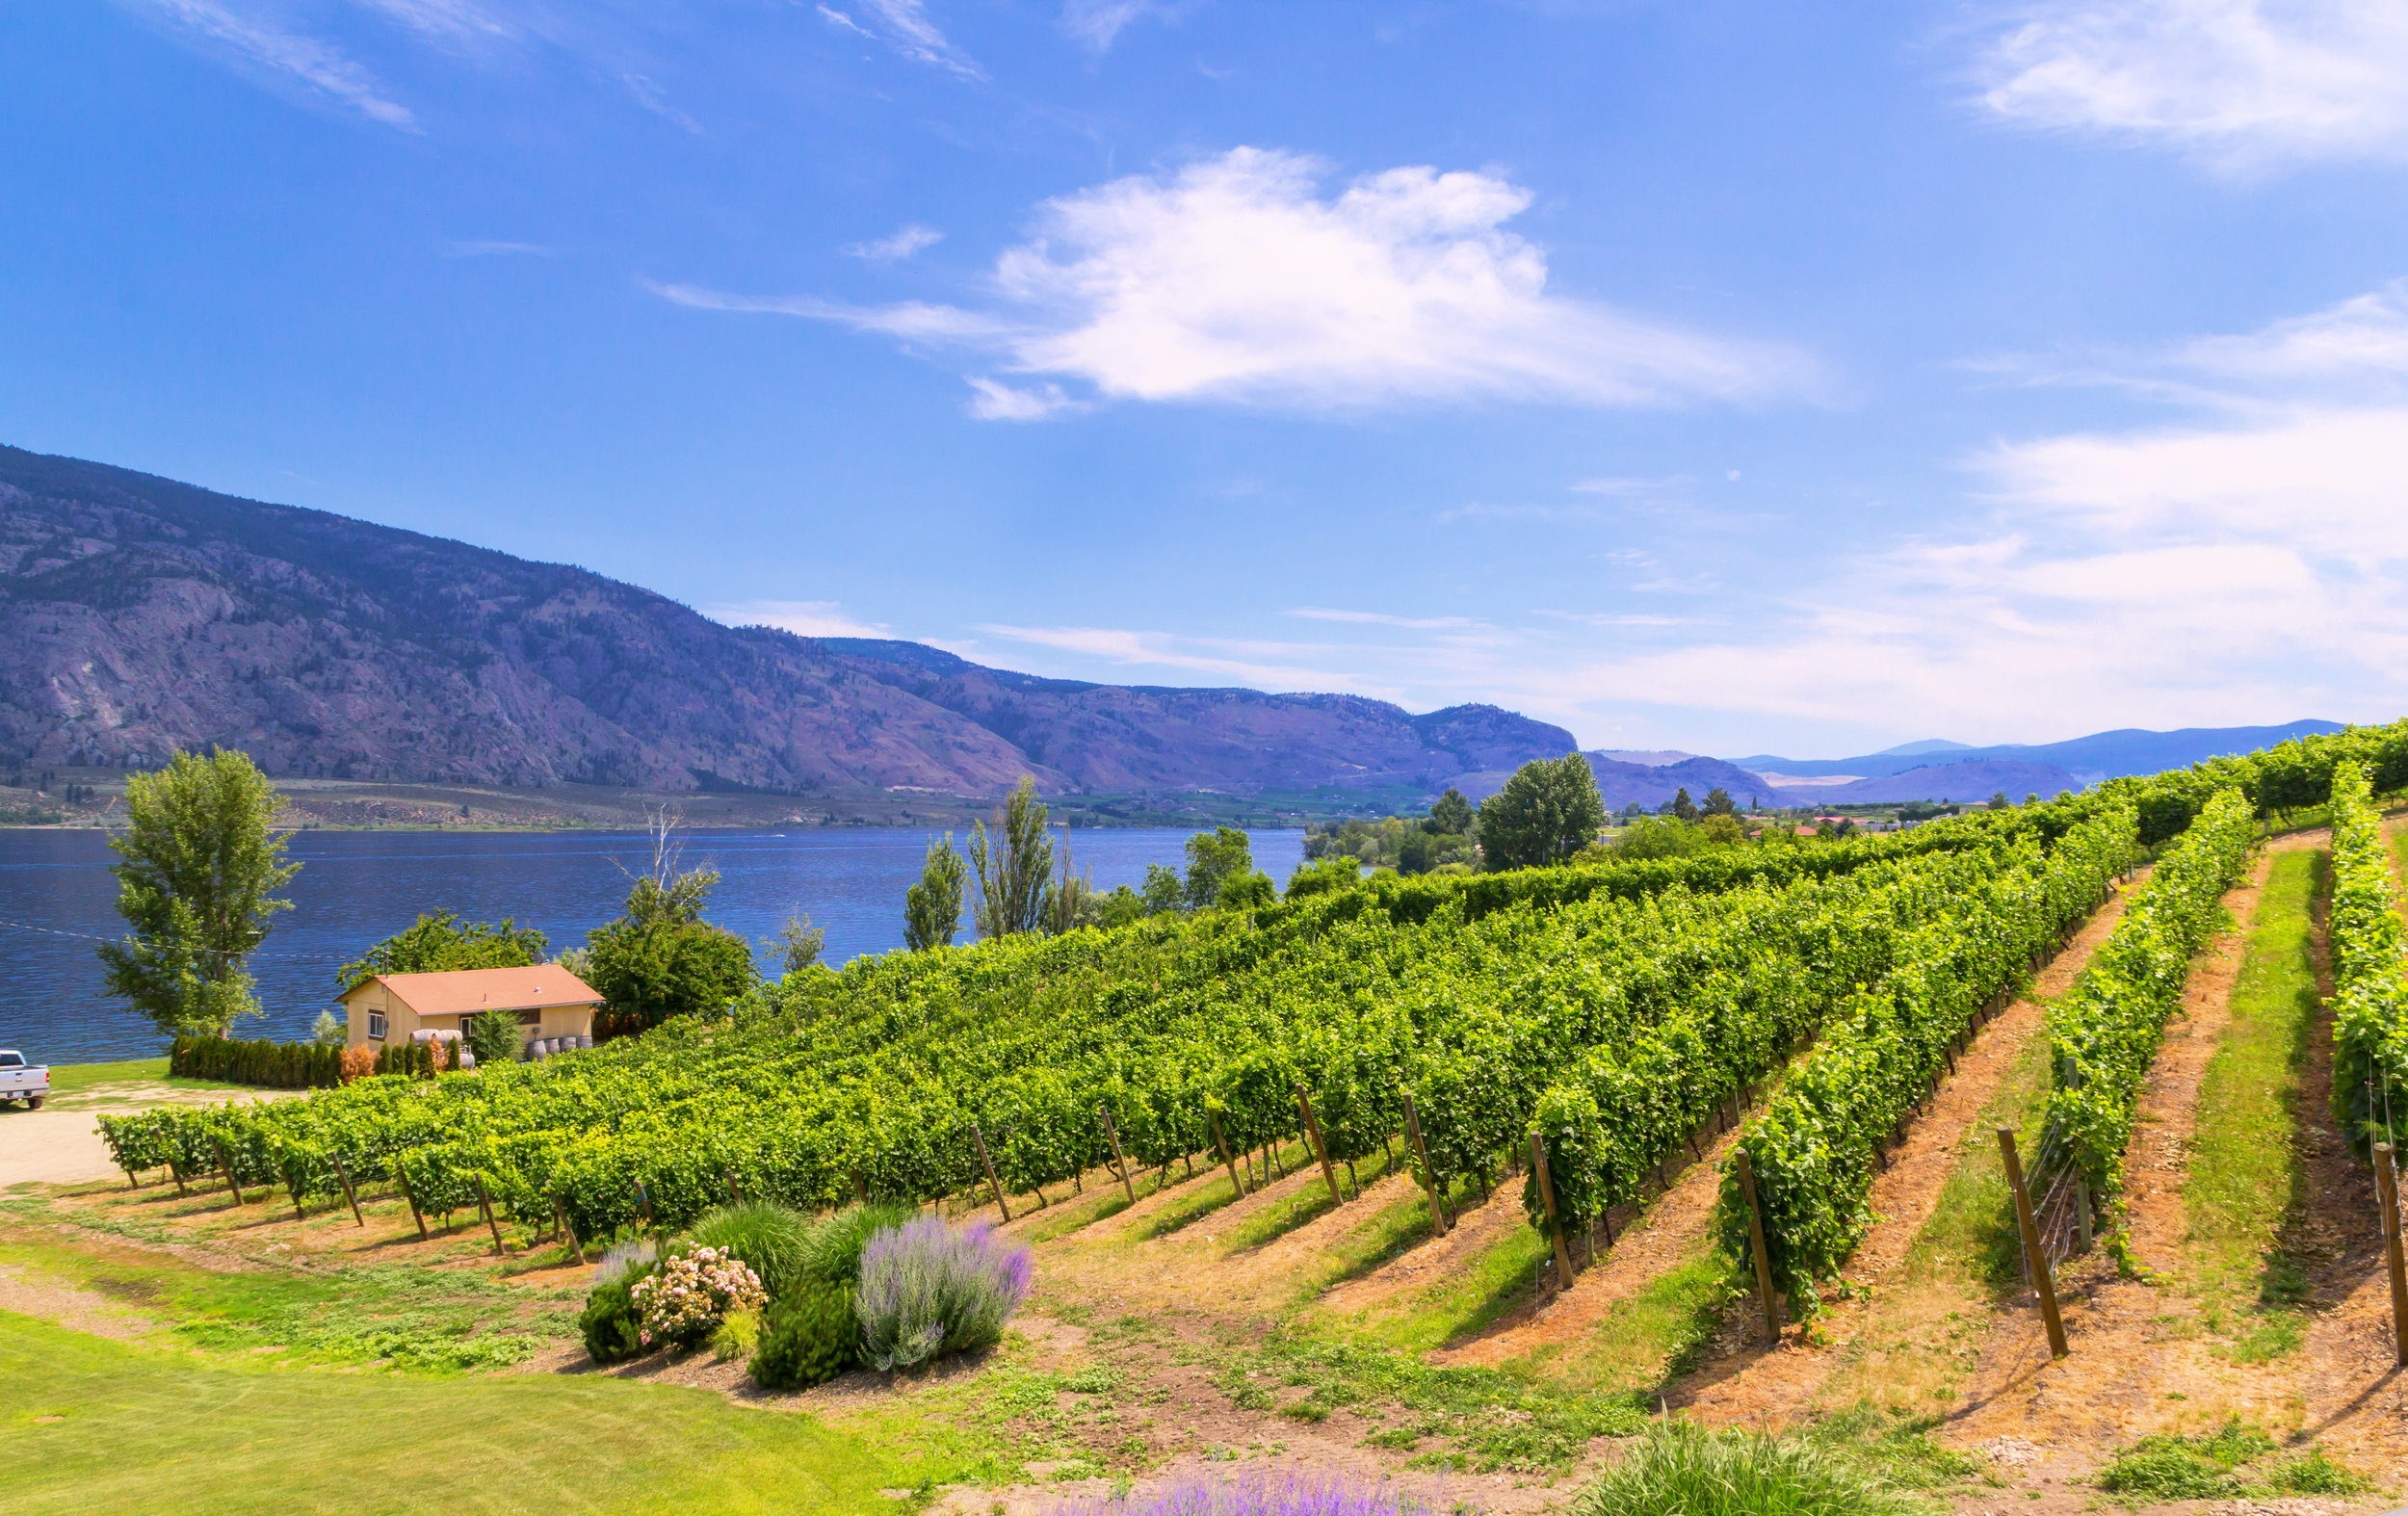 Lake Side Vineyard Tiedemann Wines